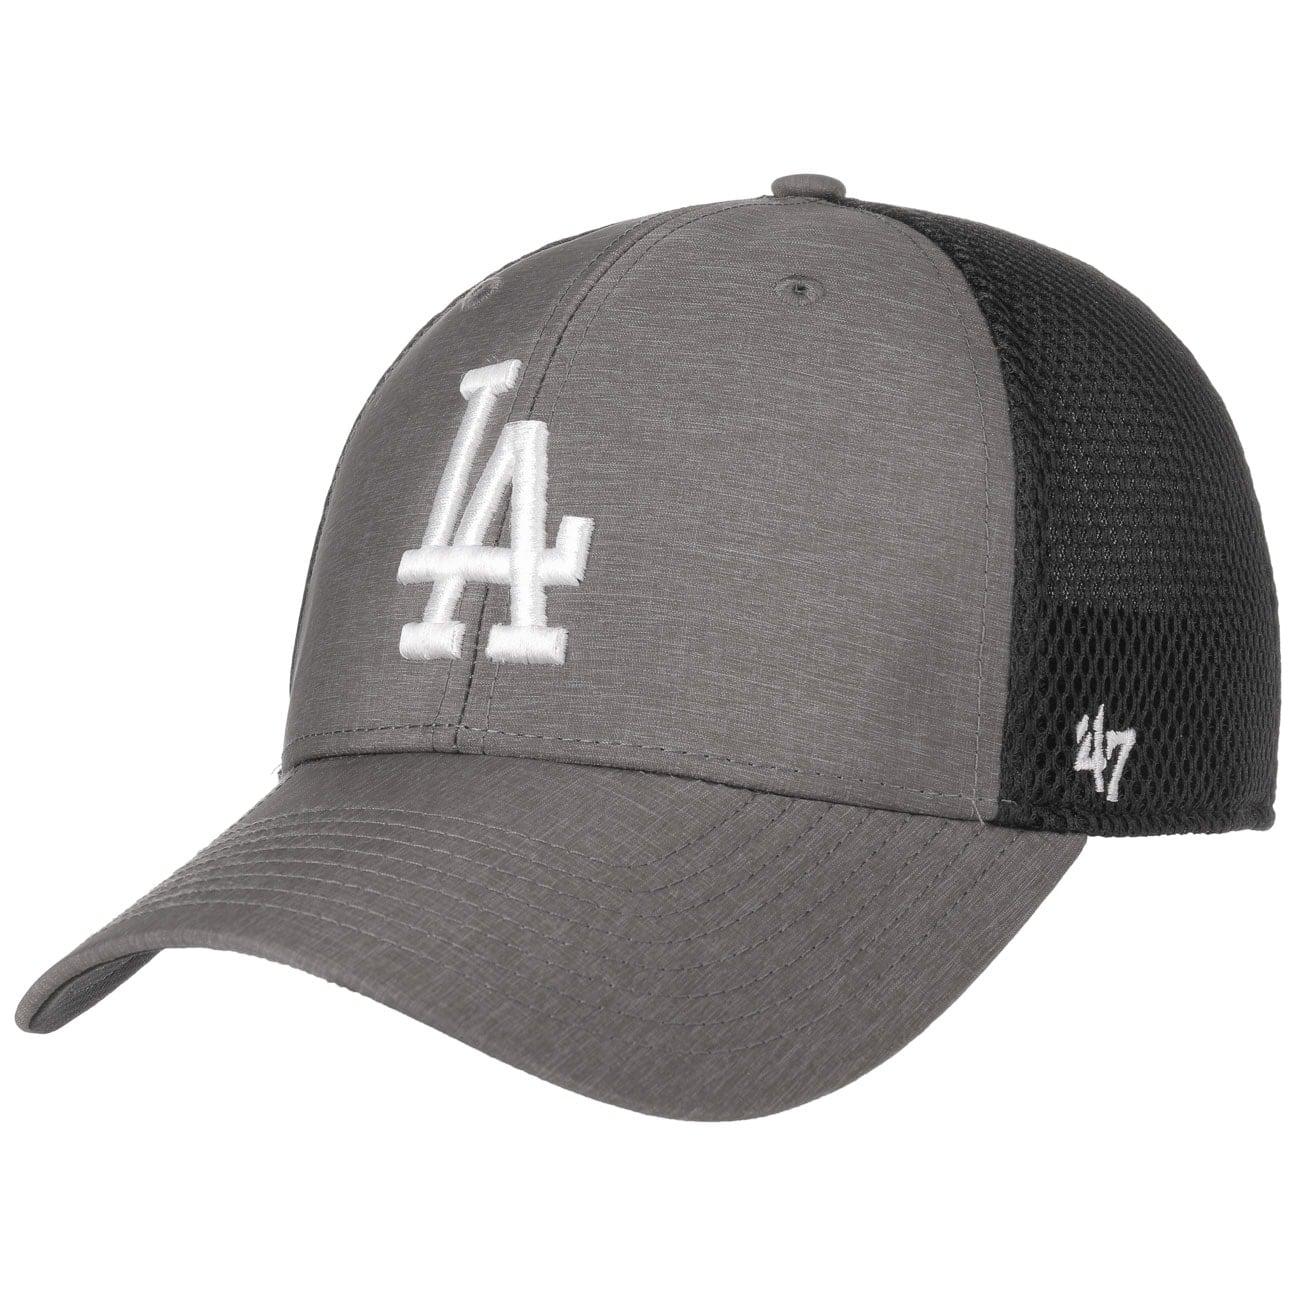 Casquette Trucker Grim Dodgers by 47 Brand  curved brim cap